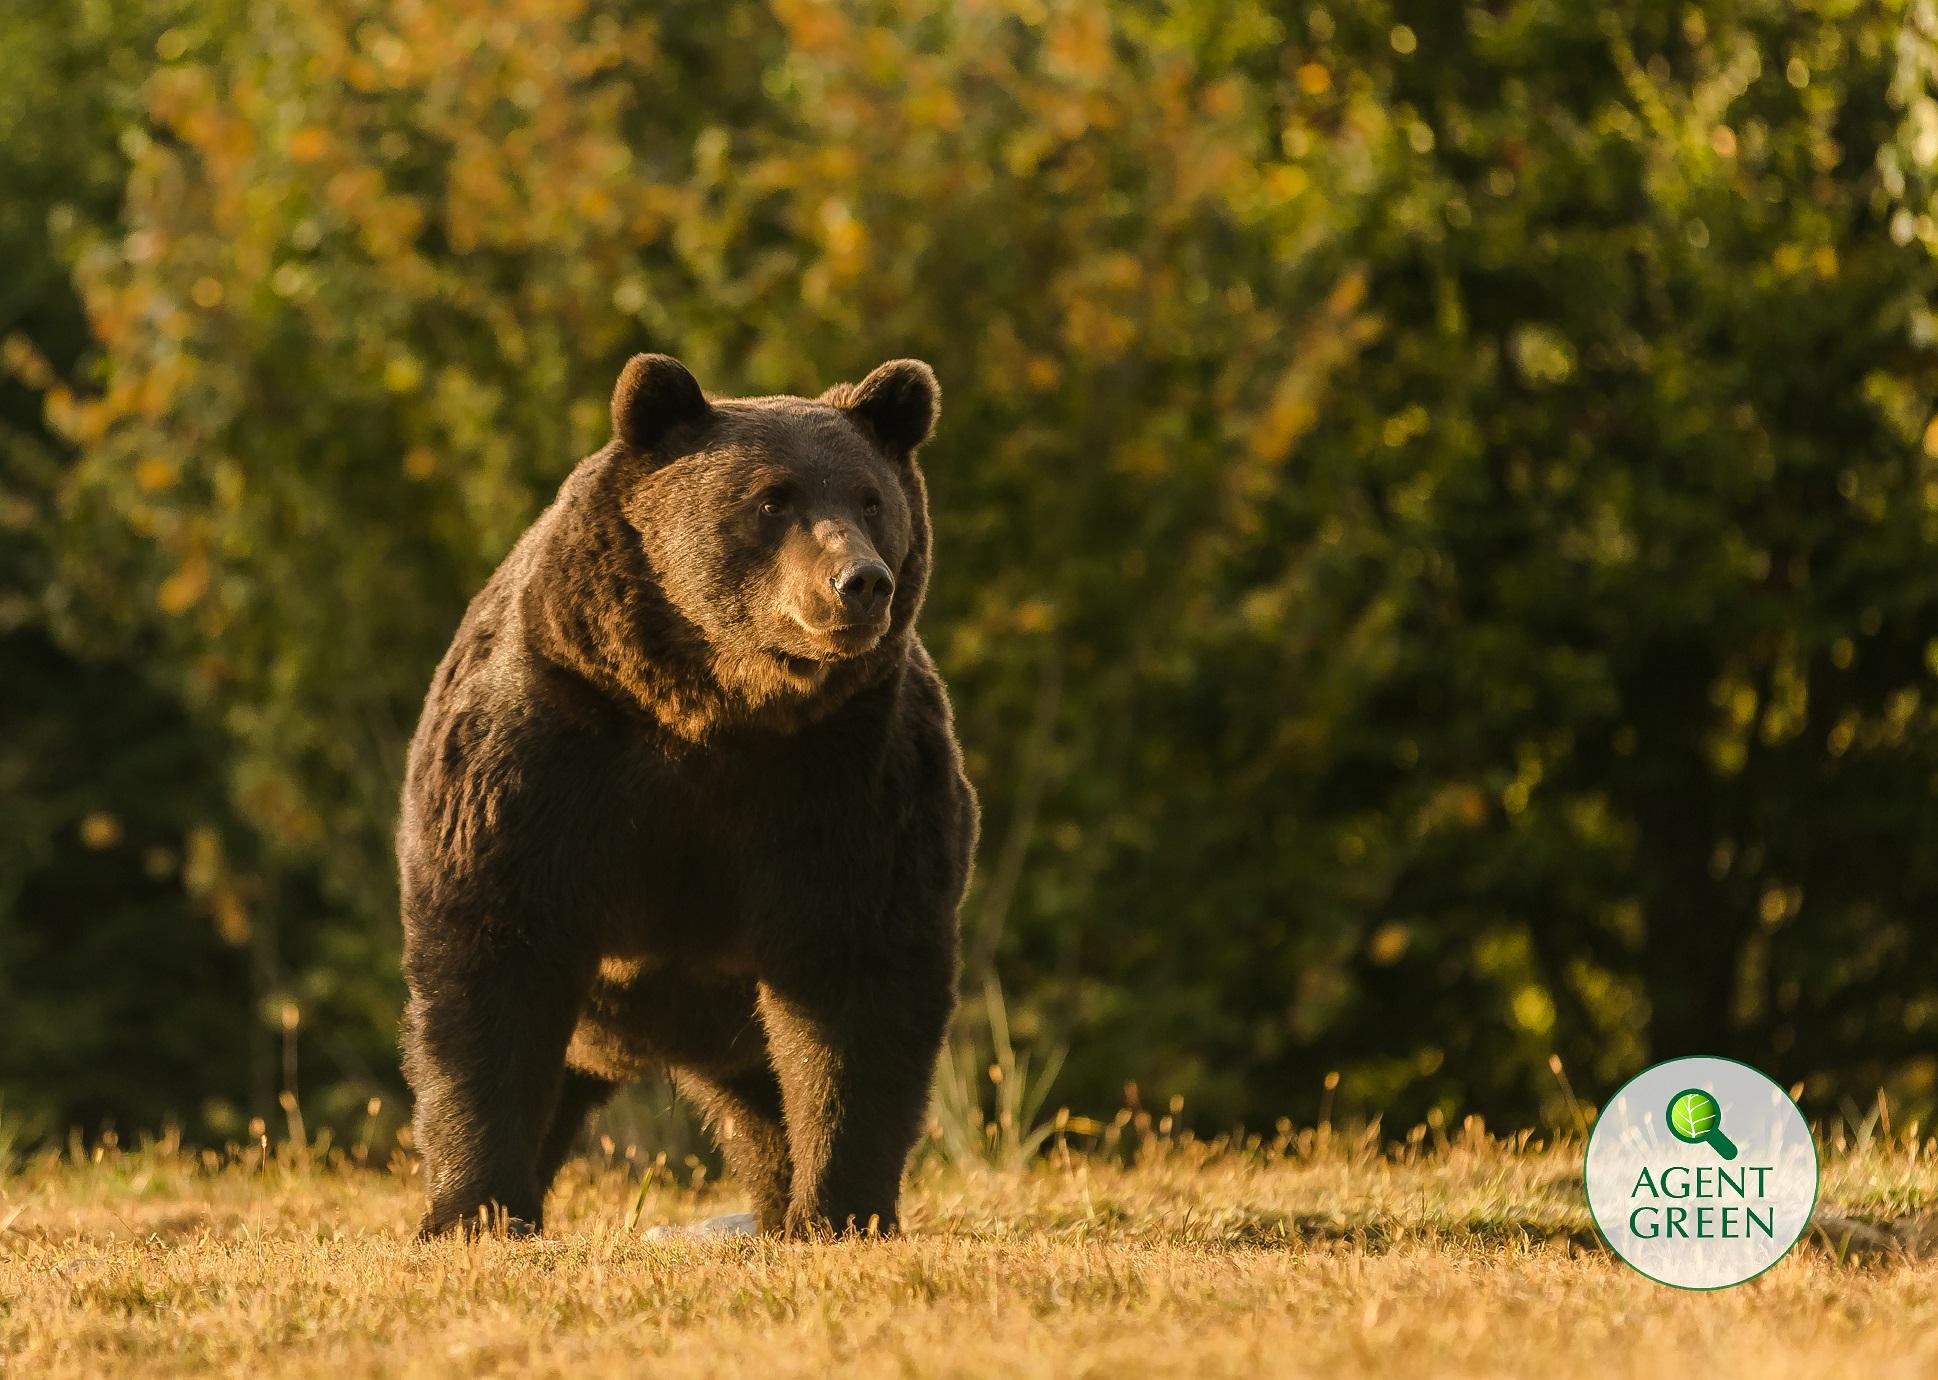 Cîţu despre ursul împuşcat în Covasna: Se pare că nu este cel mai mare, vom vedea concluziile anchetei